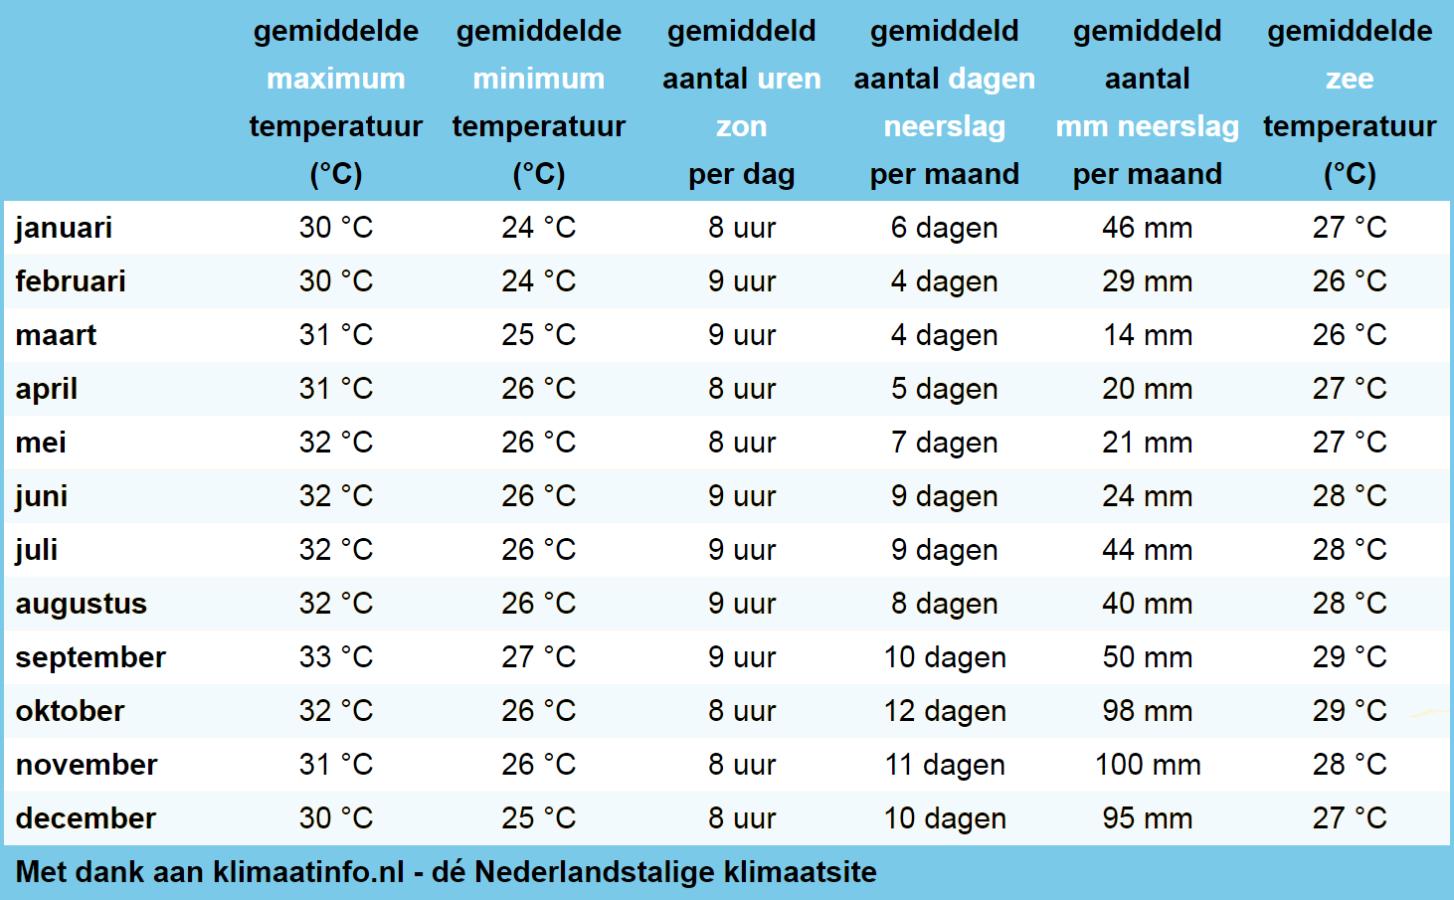 klimaatstatistieken van Curacao